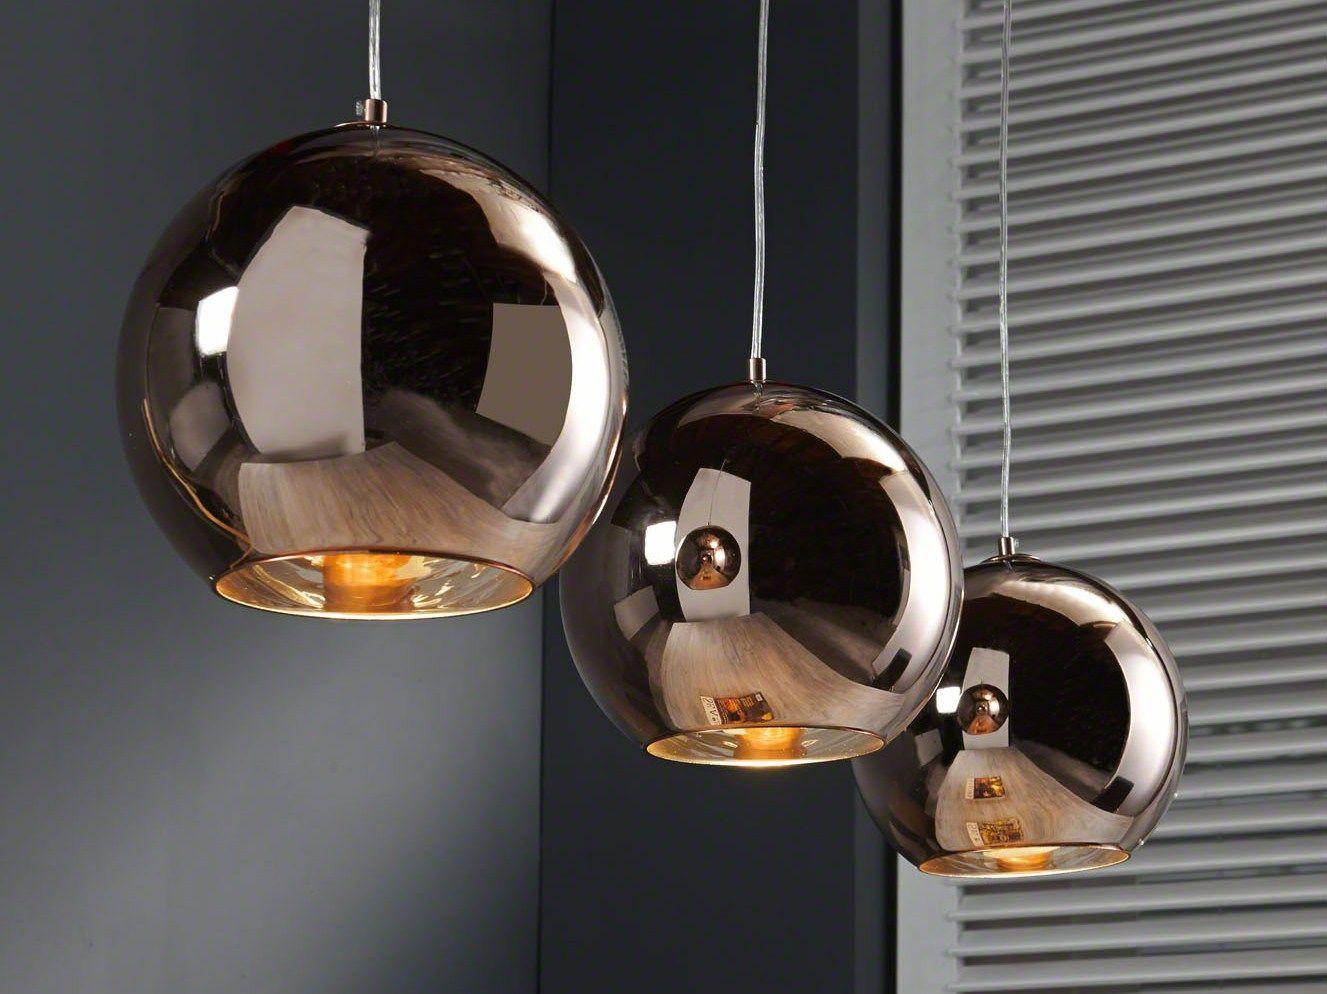 collectie prima lux en idee hanglamp bestaande uit 3 lampen lampen wohnzimmeresszimmer beleuchtungesszimmer - Beleuchtung Wohnzimmer Lux